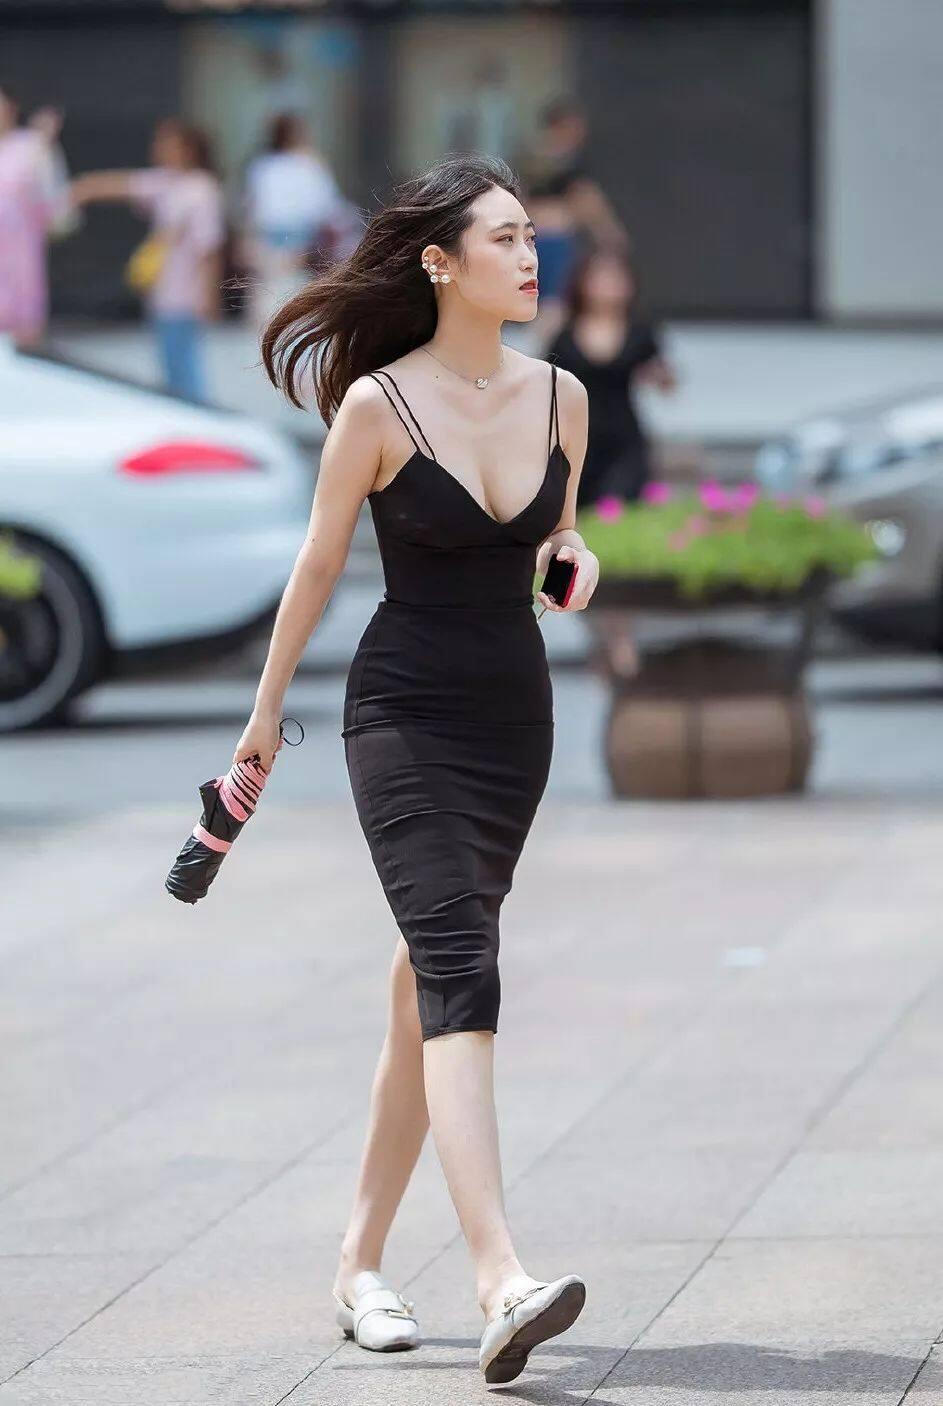 [街拍美女]深V真空无内性感街拍,胸型完美,这是没穿内衣吗2